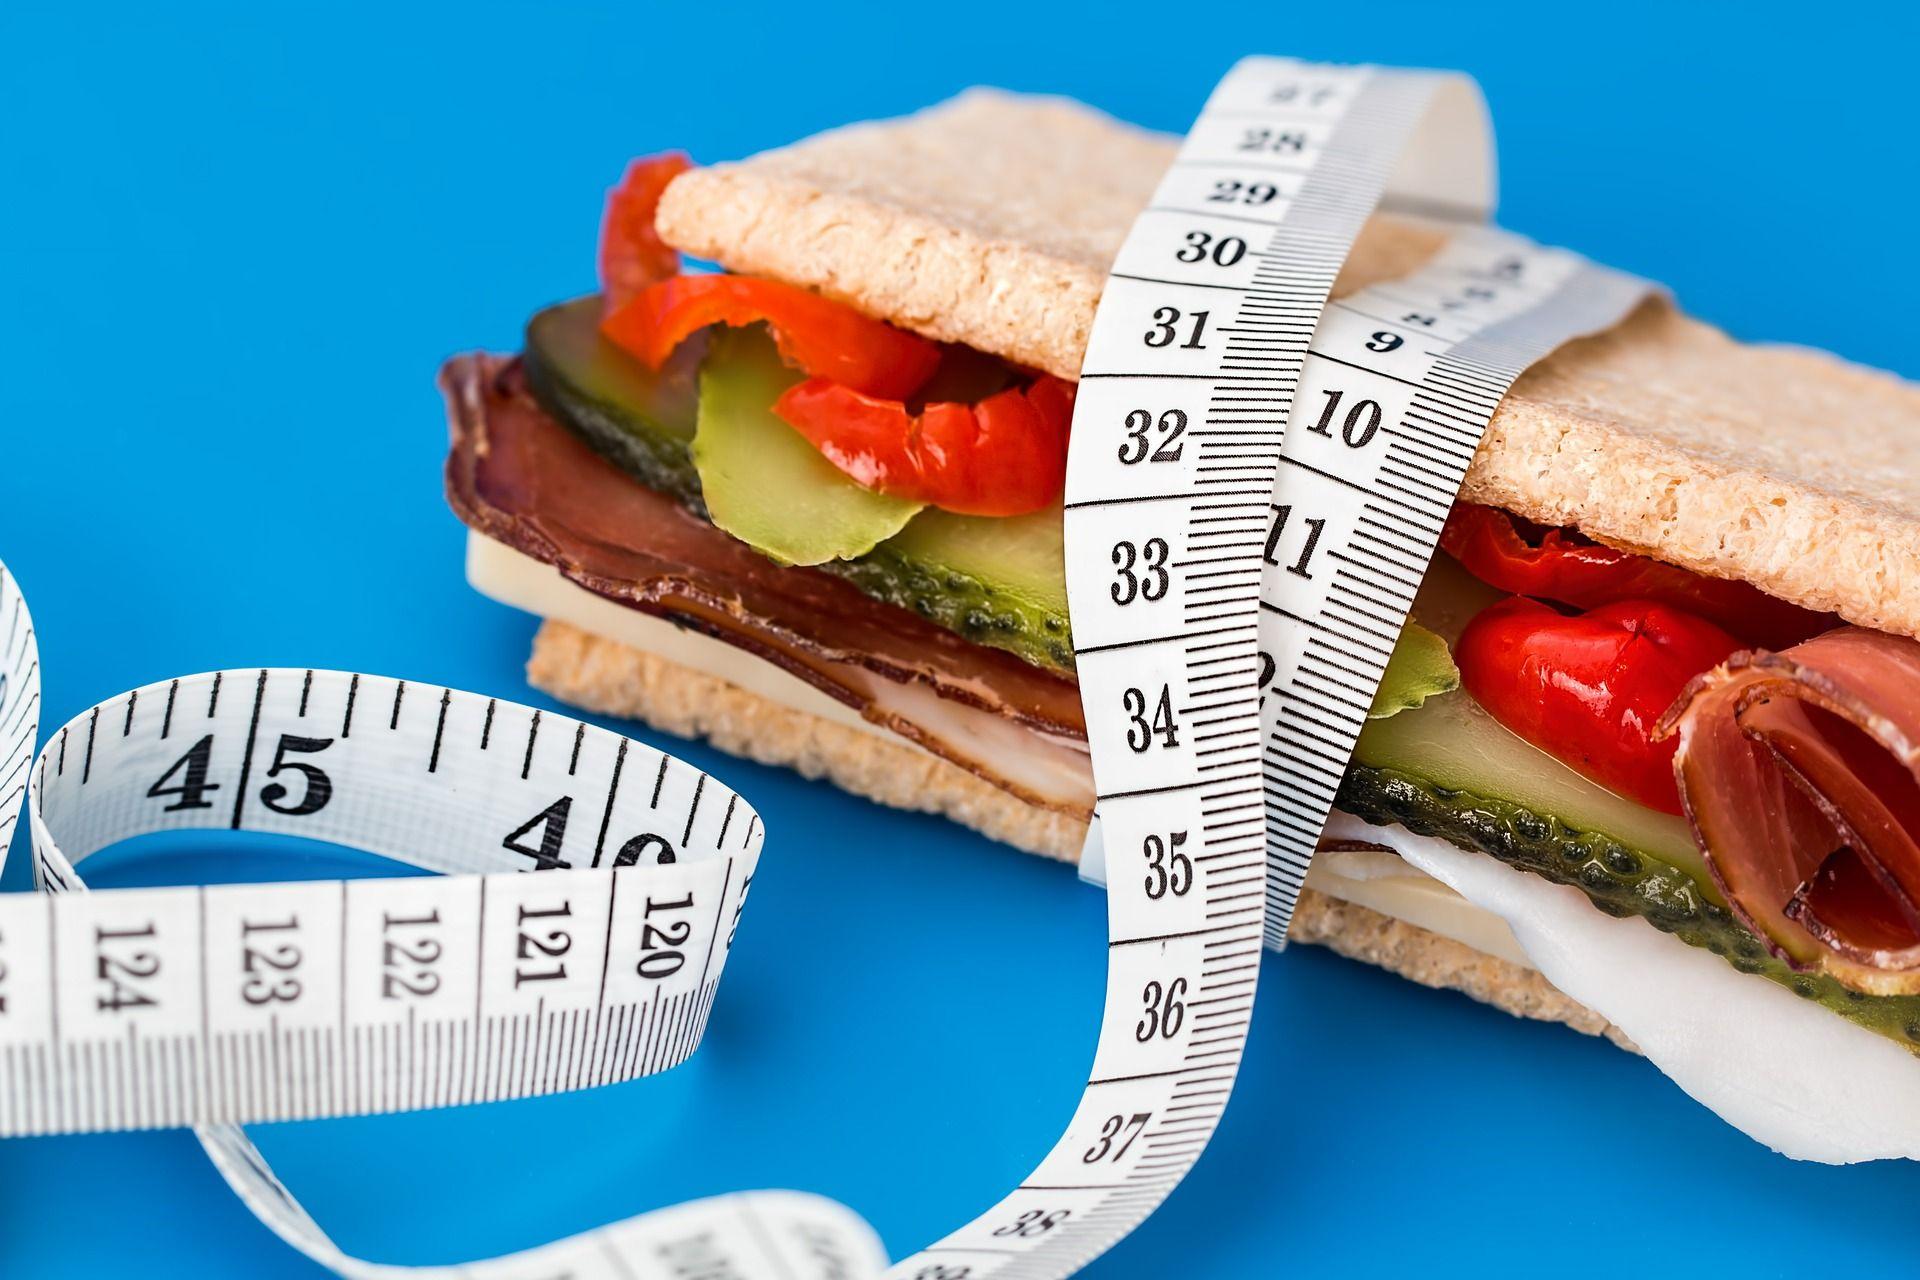 dimagrire senza fatica dieta conta bocconi